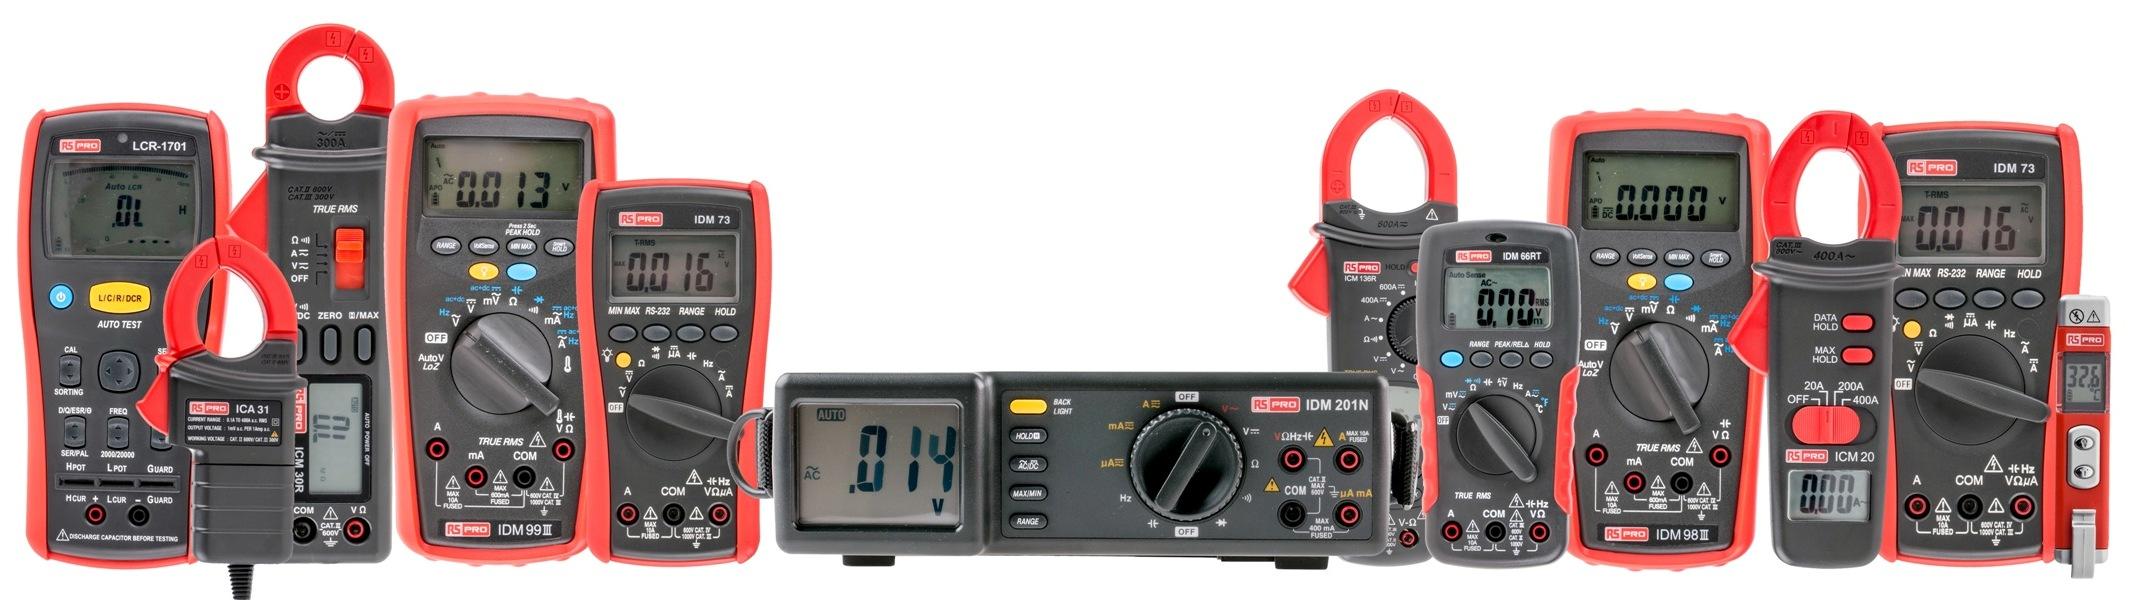 Asortyment RS Pro został wzbogacony o ponad 500 produktów do testowania i pomiarów